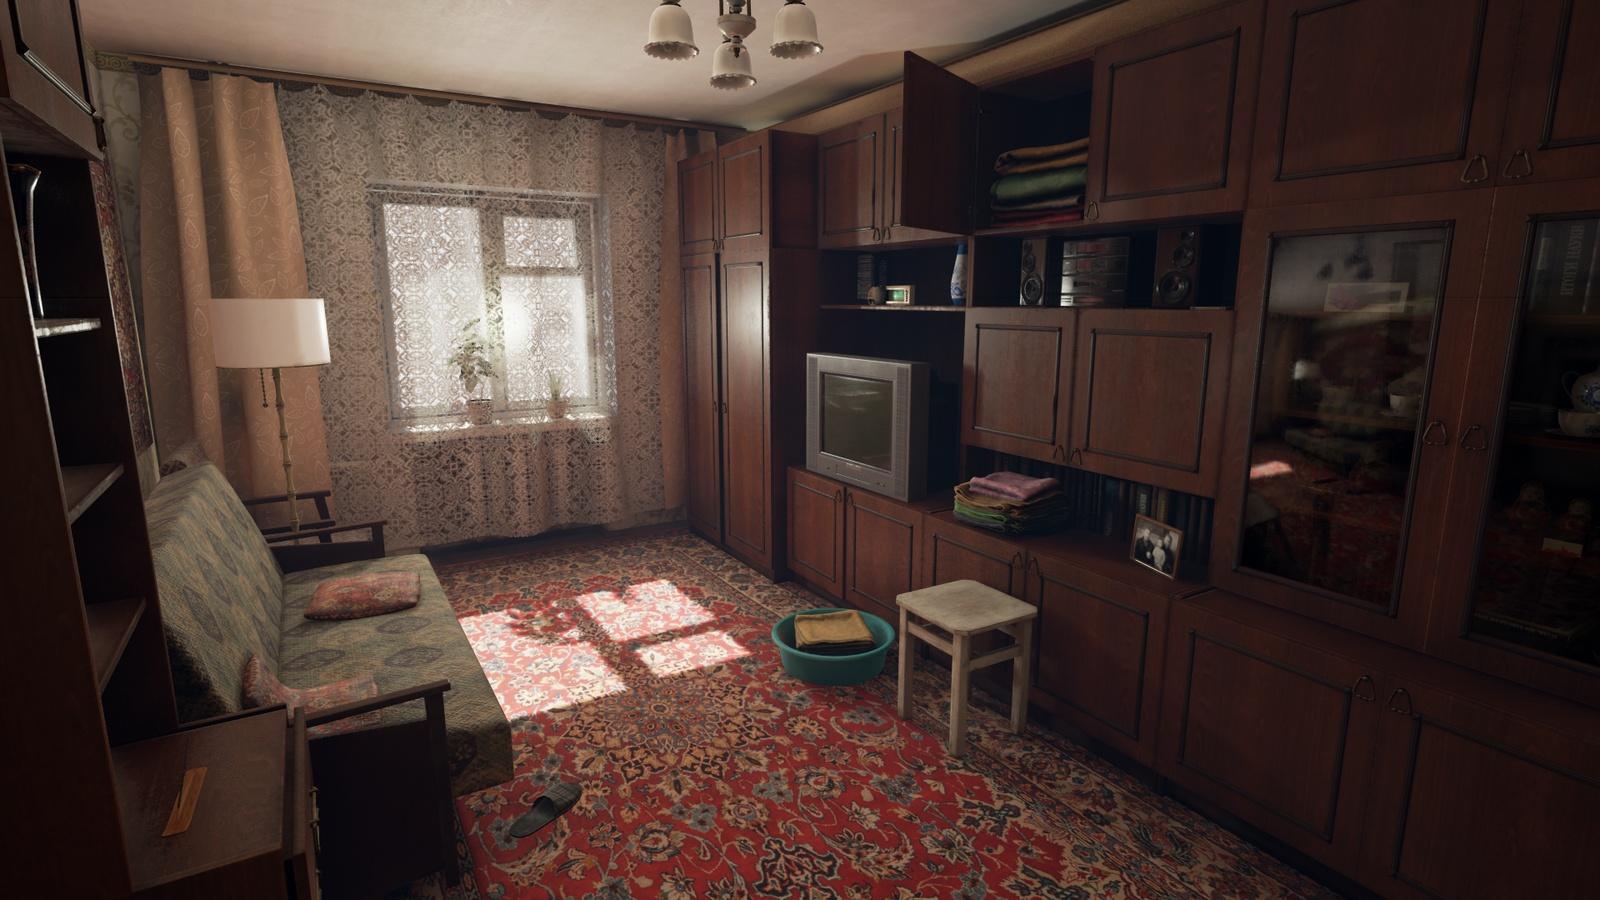 Опубликовано более18 минут геймплея коммунального хоррора Twin Soul